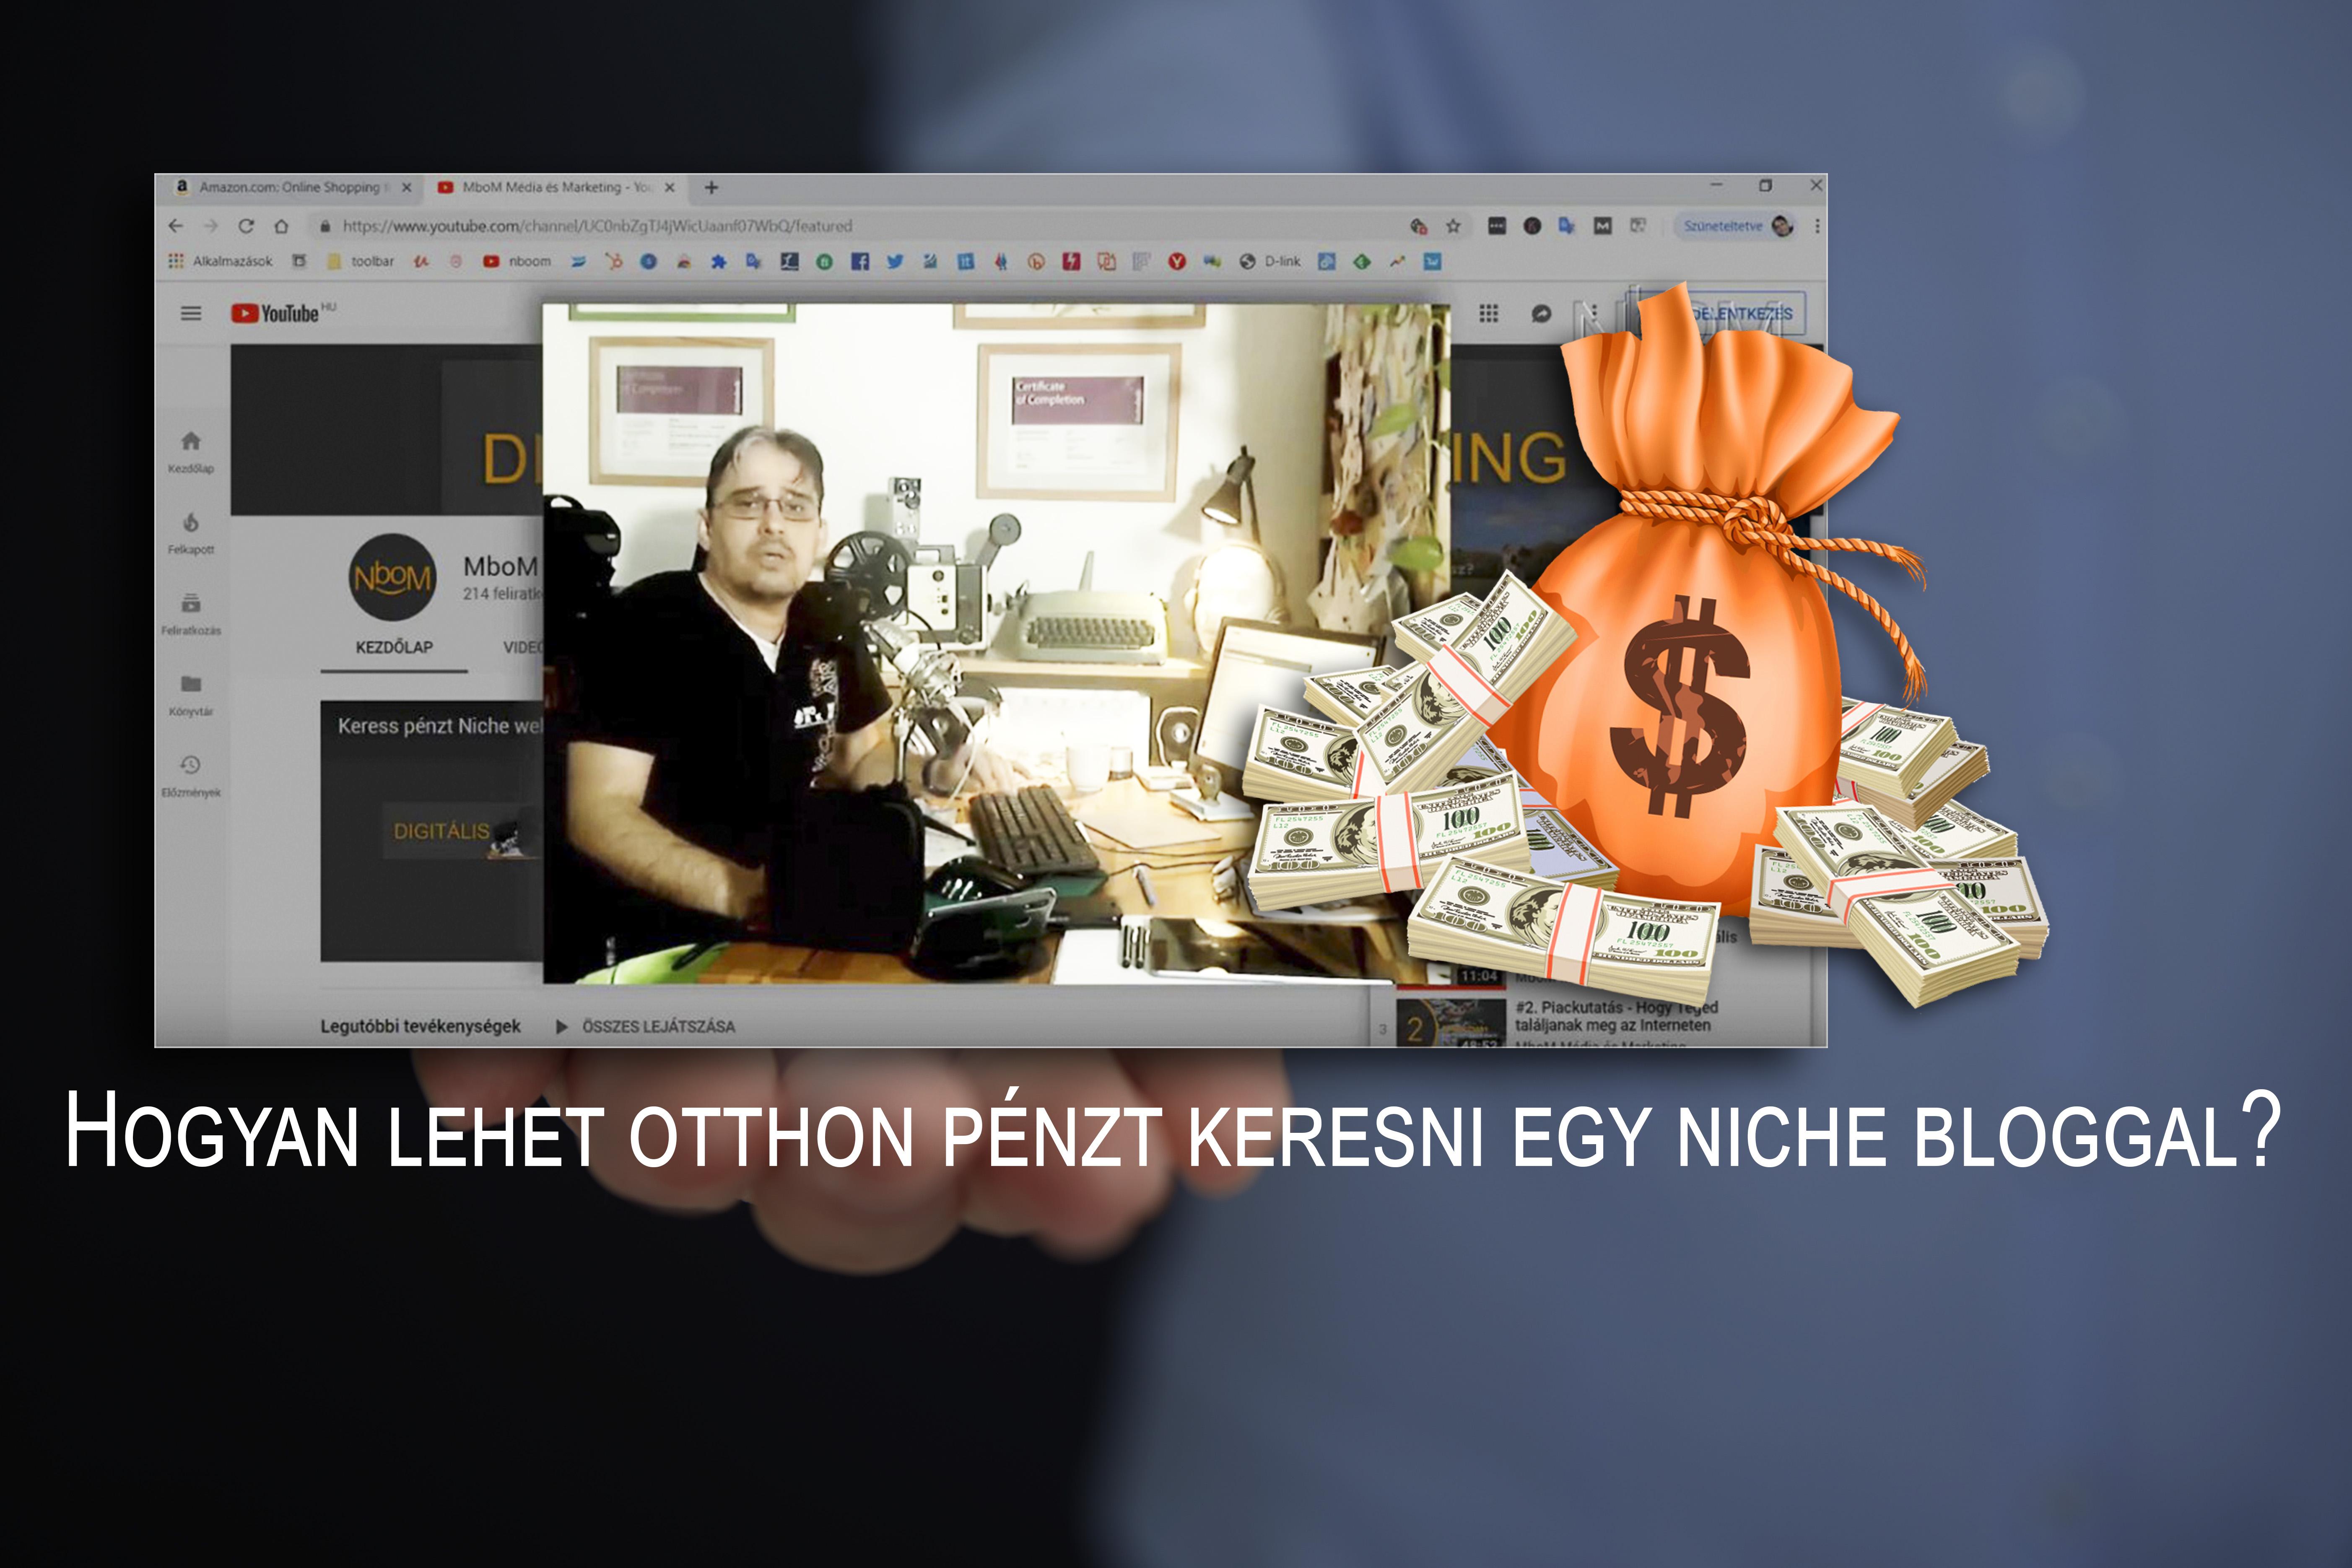 hol lehet a legtöbb pénzt keresni)